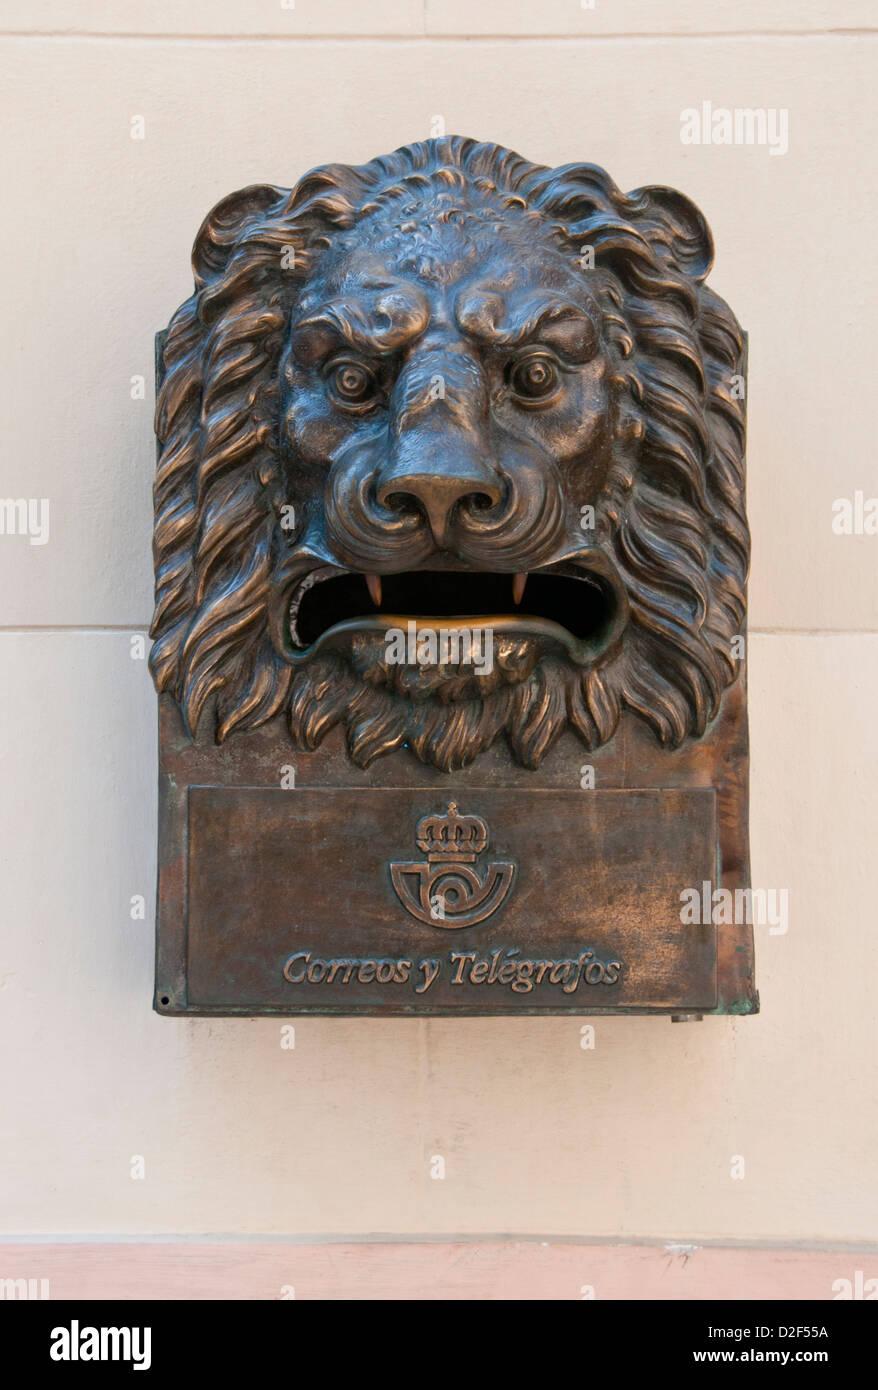 Old Lions Head Postbox, Plaza San Francisco, Habana Vieja, Havana, Cuba - Stock Image